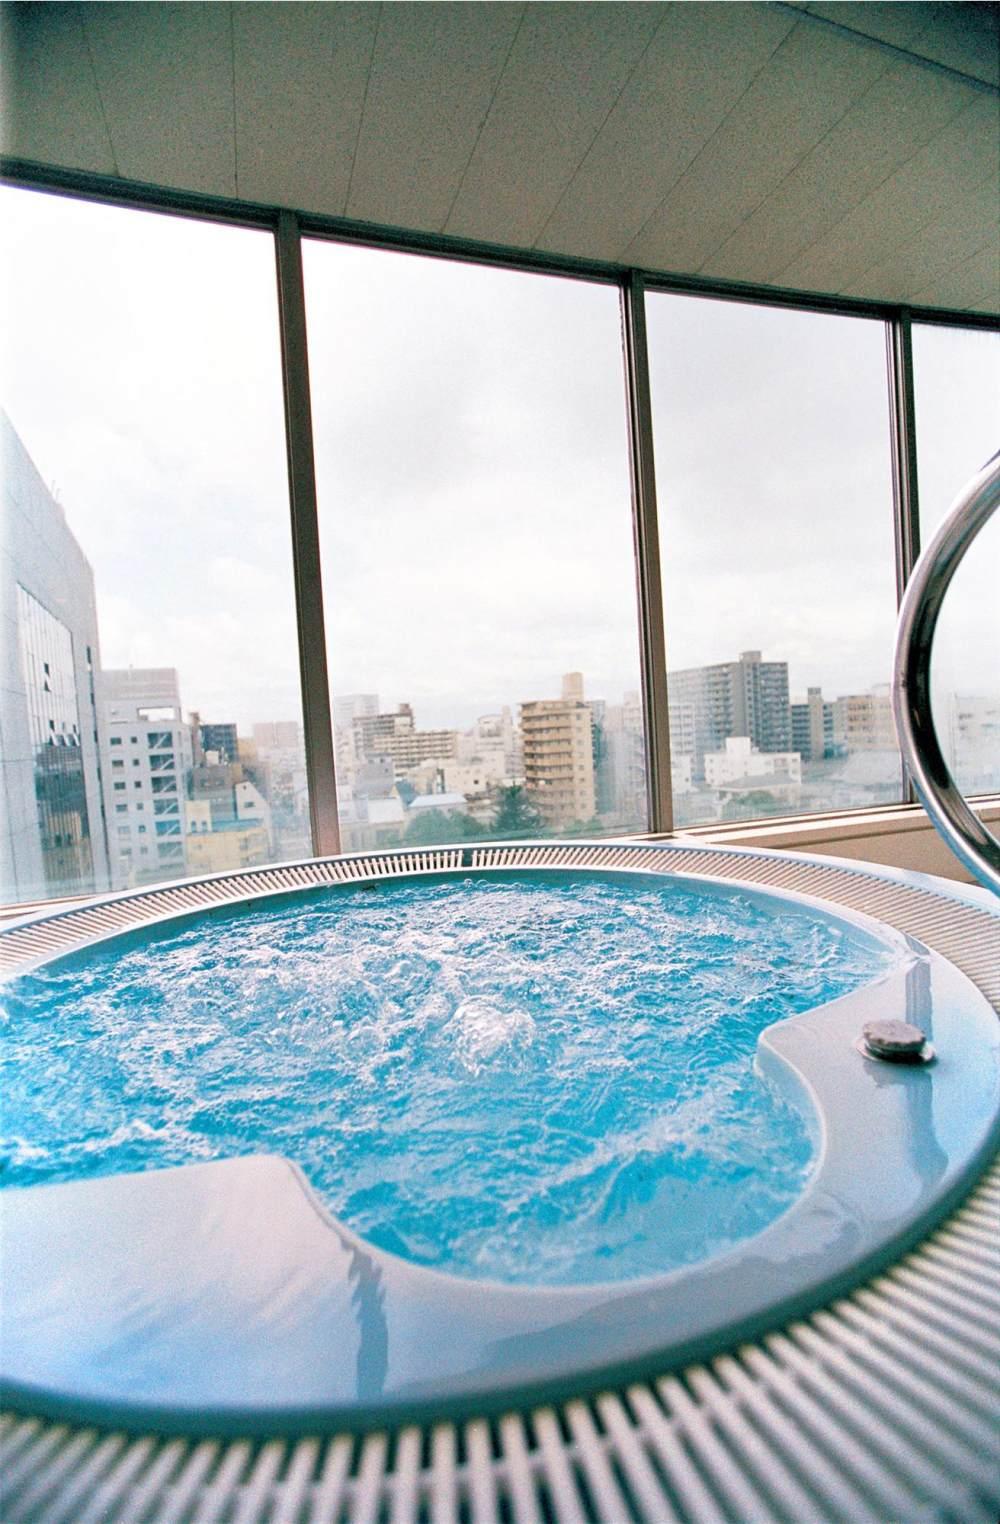 大阪威斯汀酒店 The Westin Osaka_97833_large.jpg